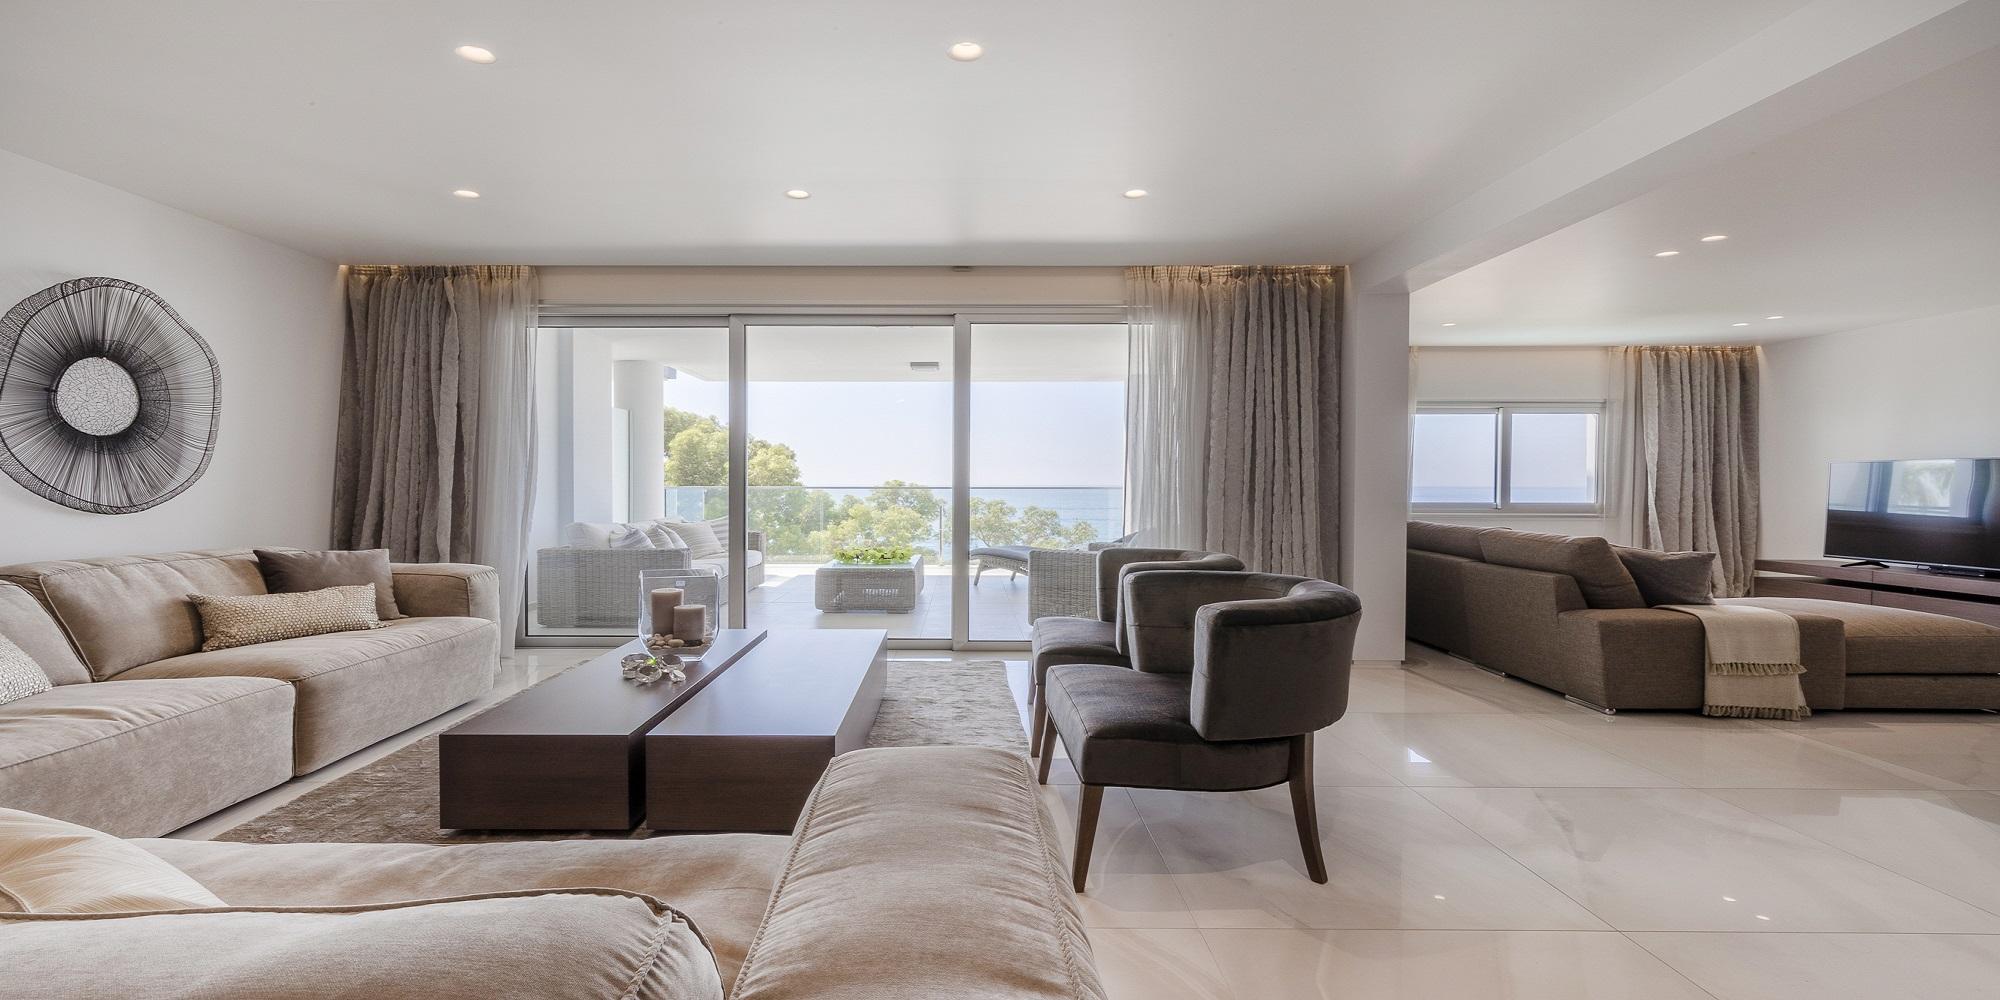 4 Cпальная Квартира на Берегу Моря с Изумительными Видами на Море